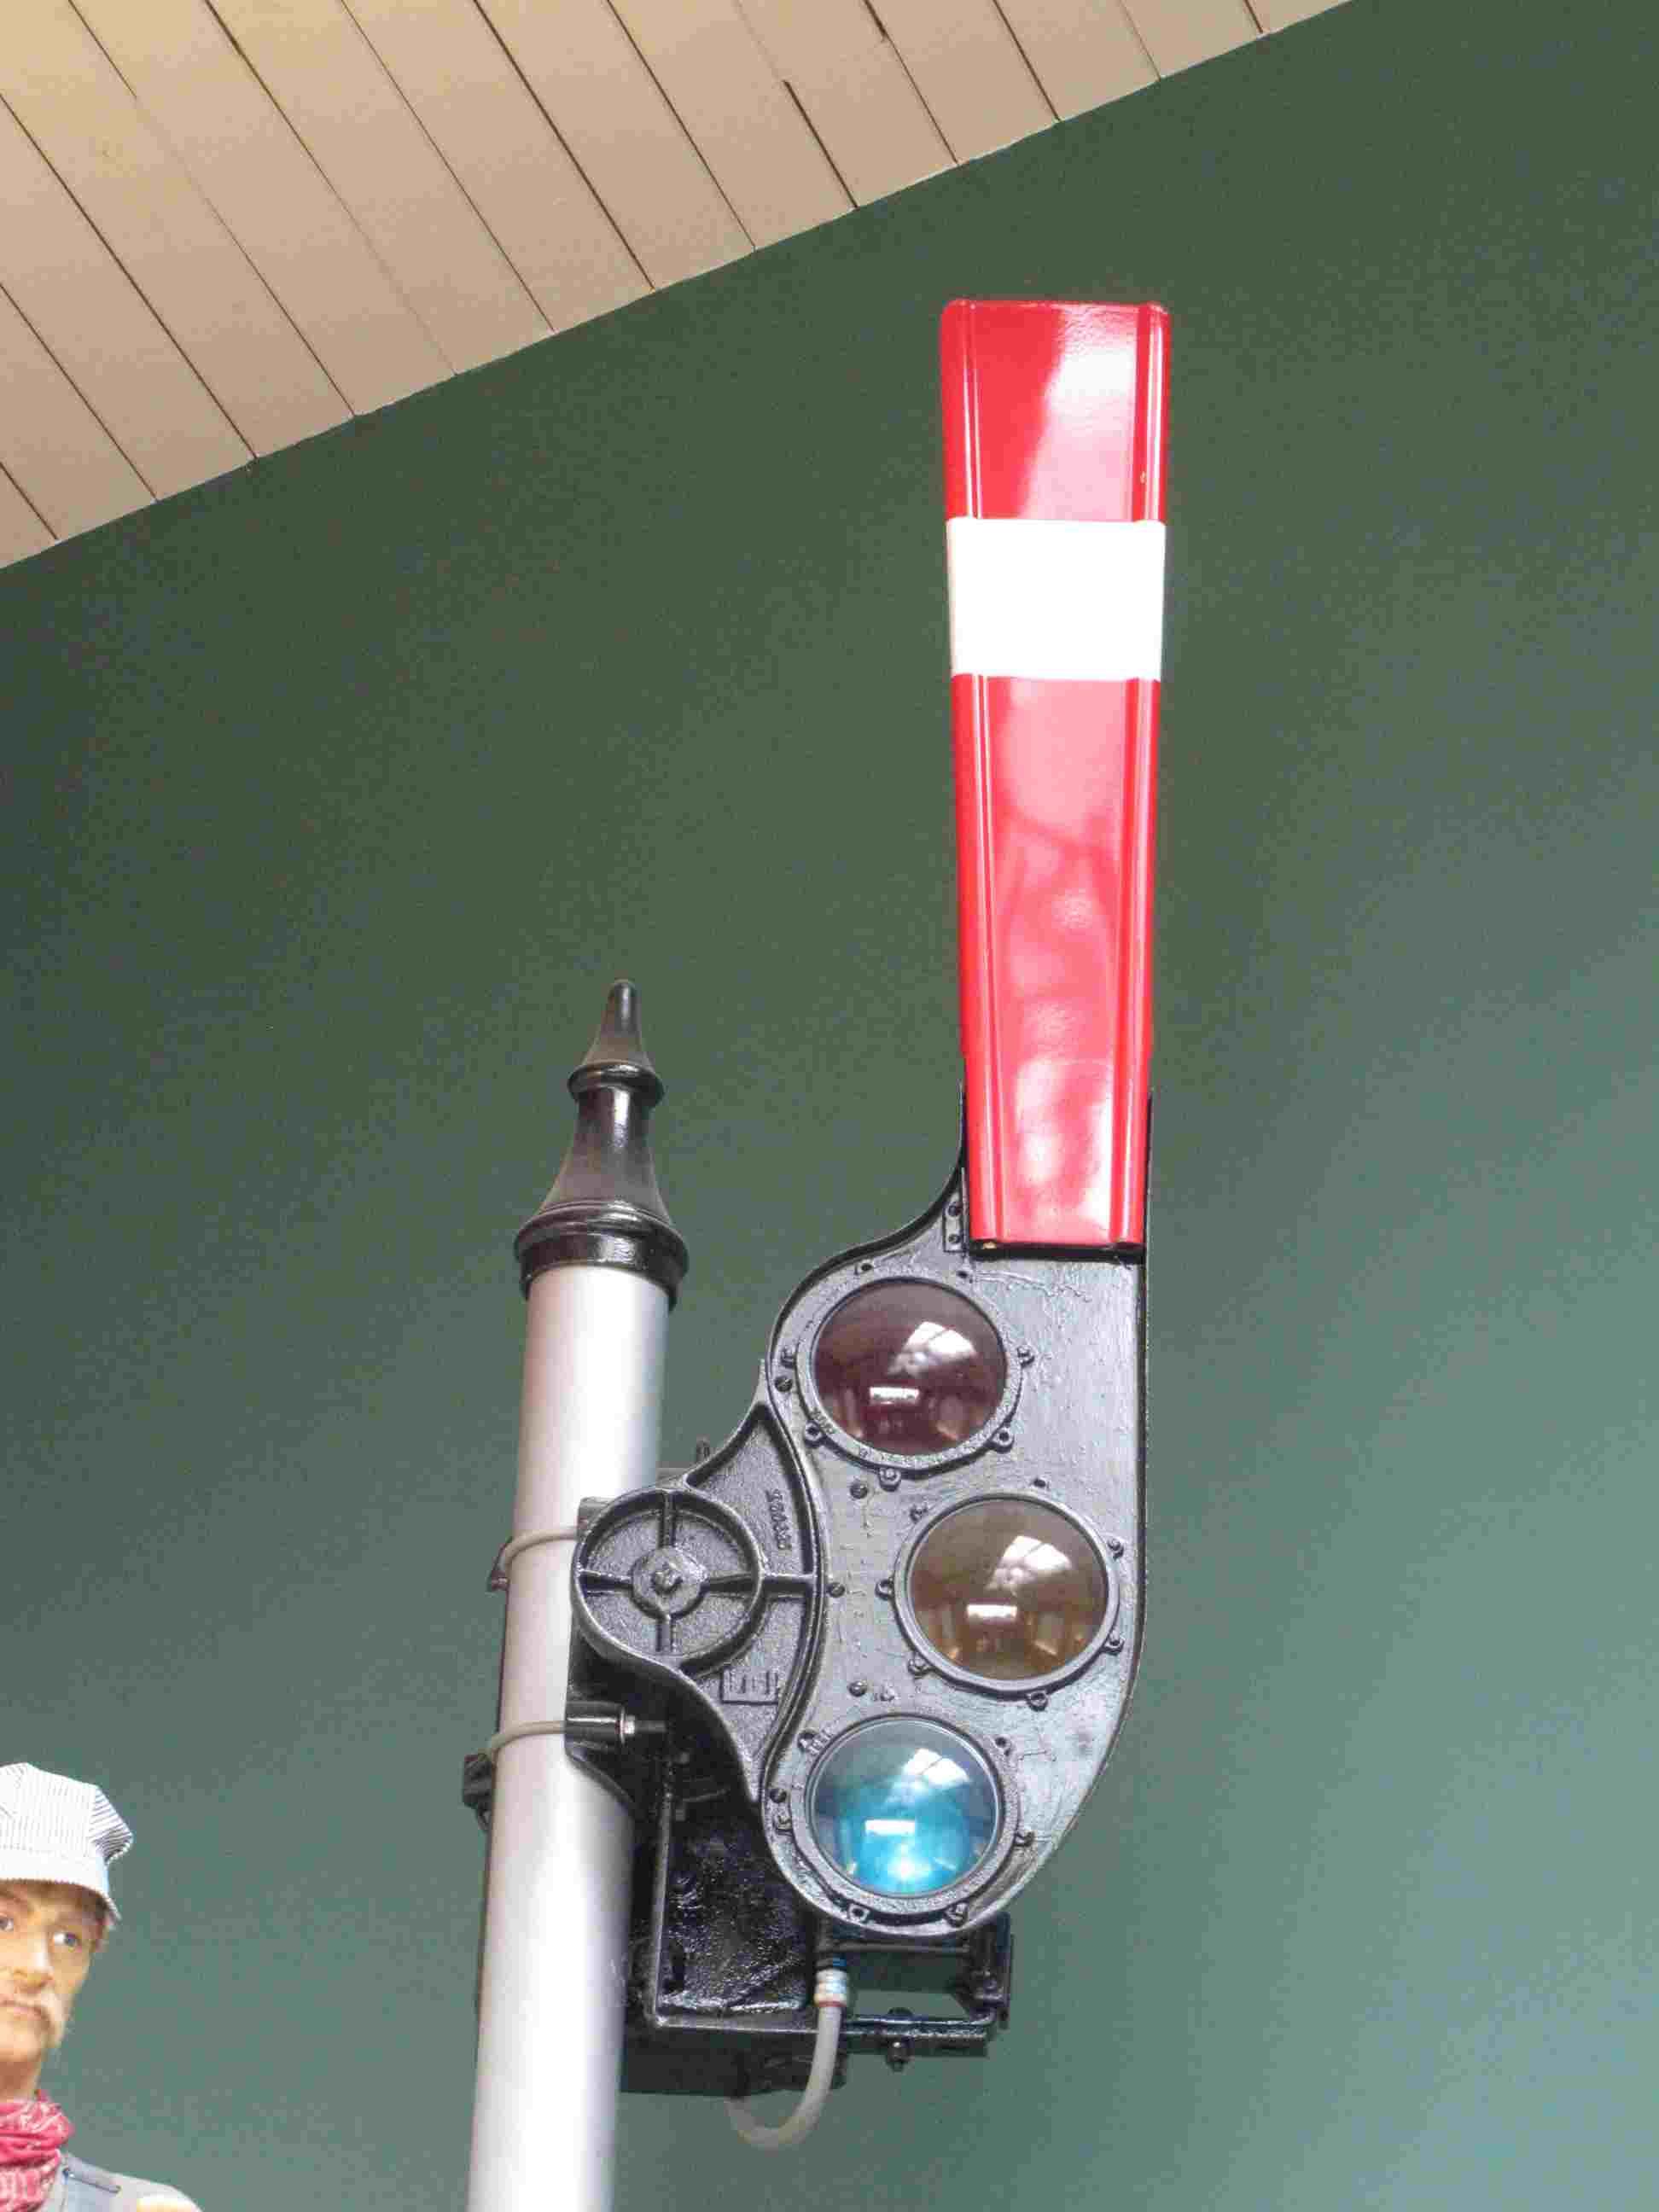 Train & Railroad Semaphore Signals - Railroad Signals of the US